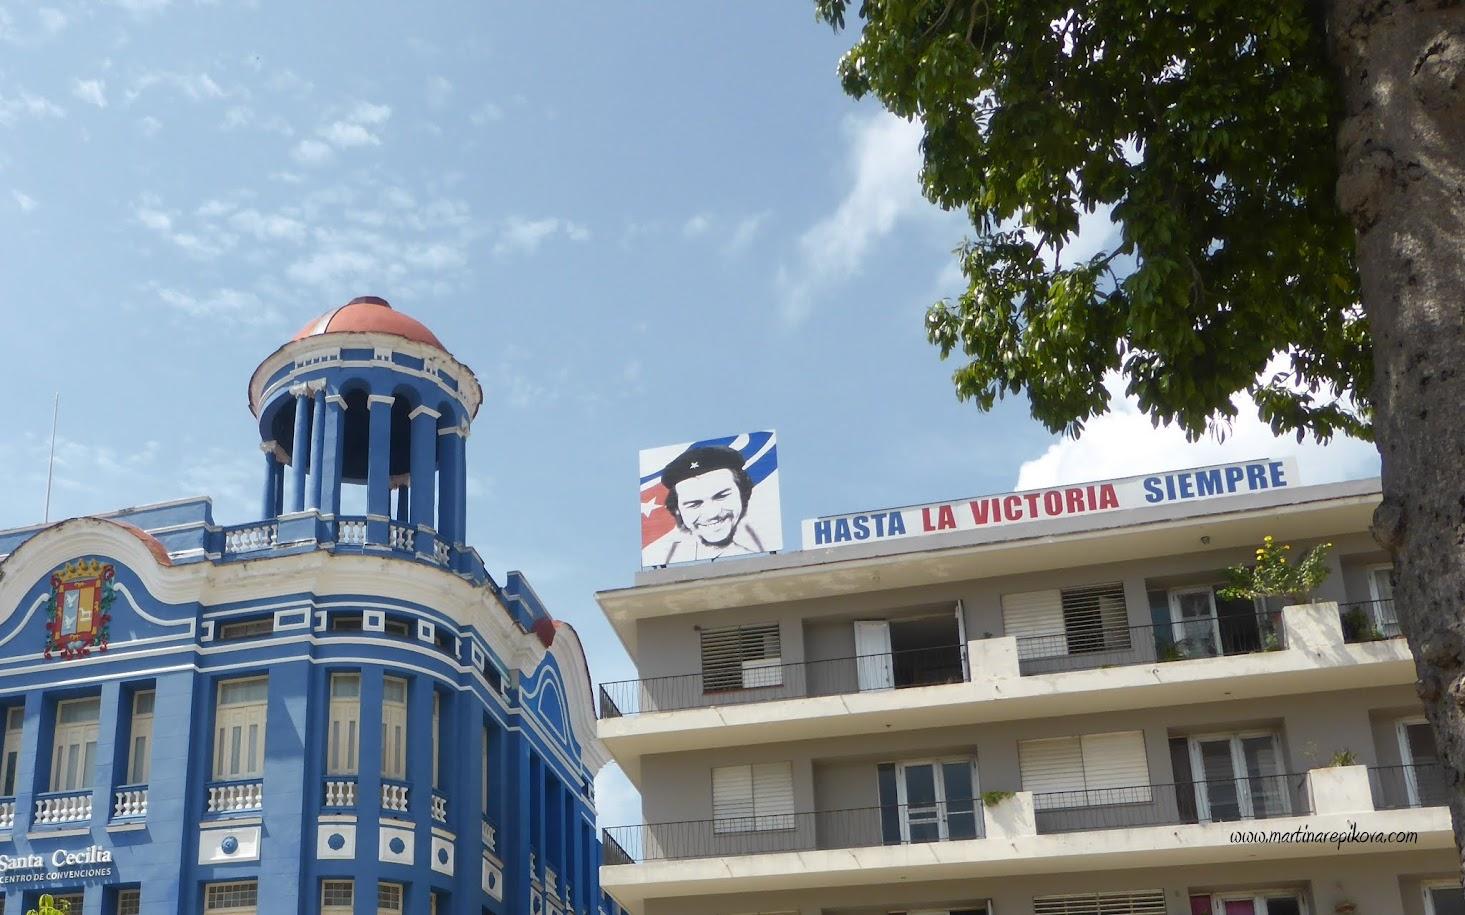 Famous revolution quotes, Camaguey, Cuba